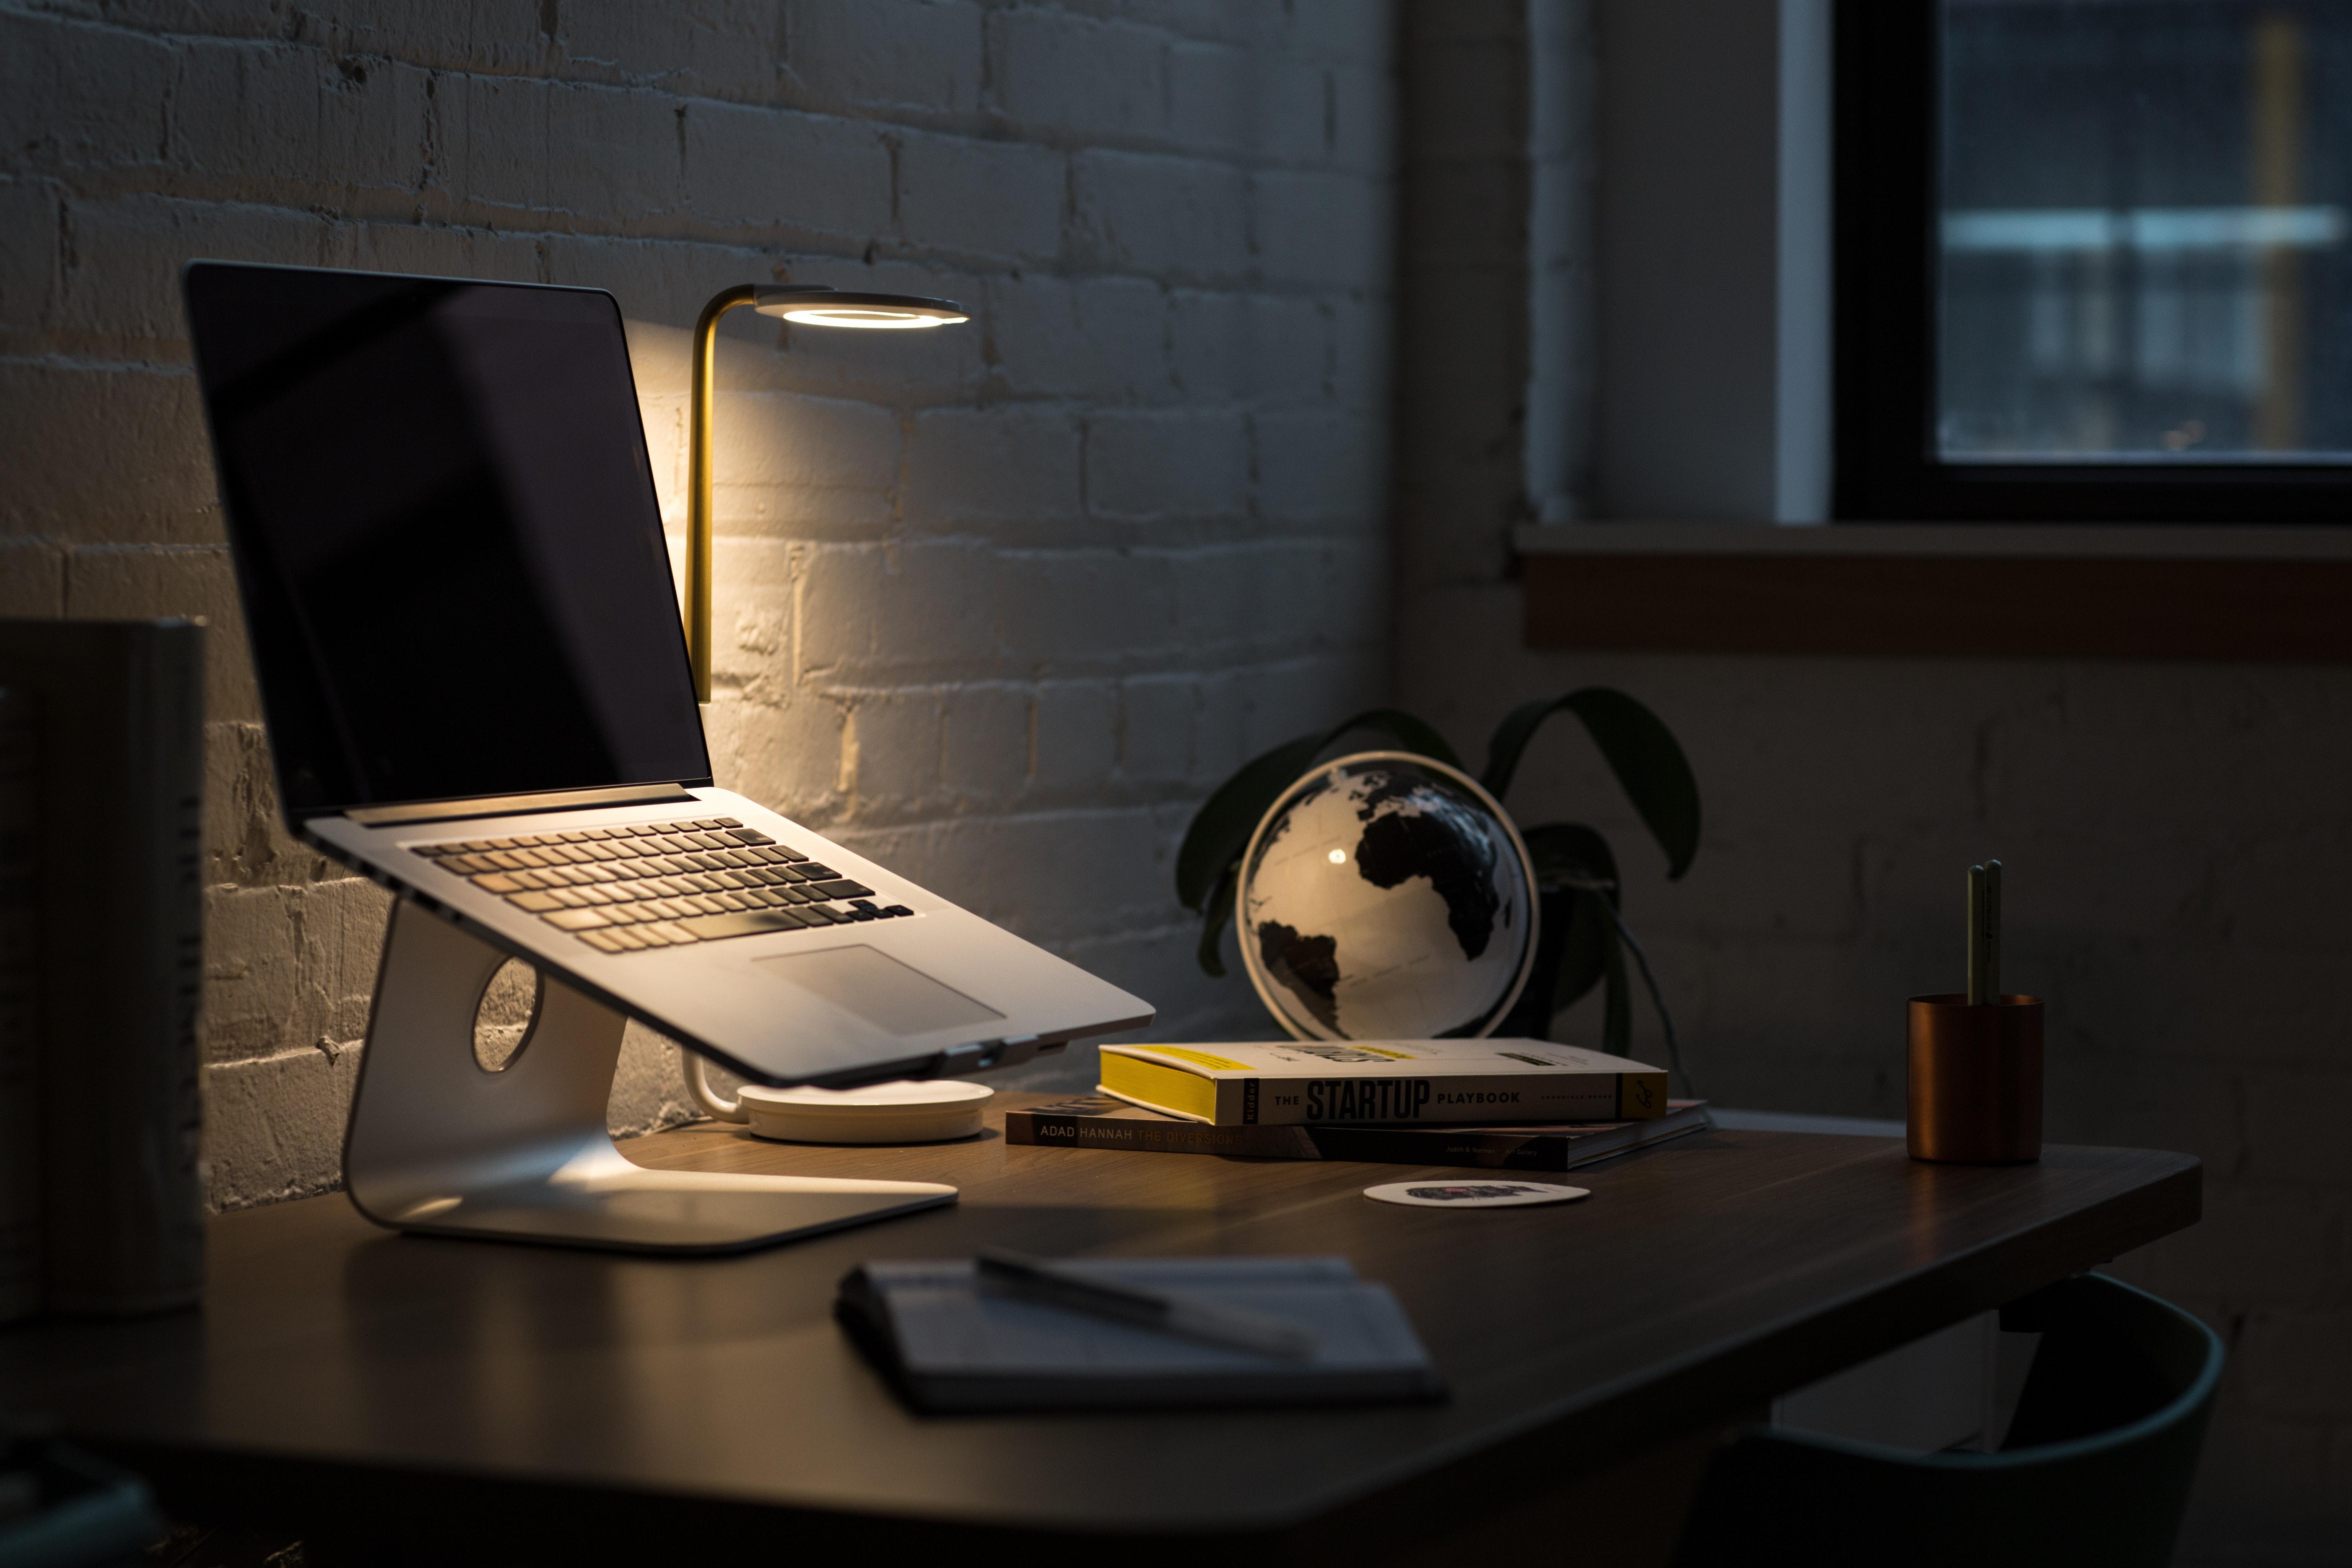 картинки компьютеров и ноутбуков на столе